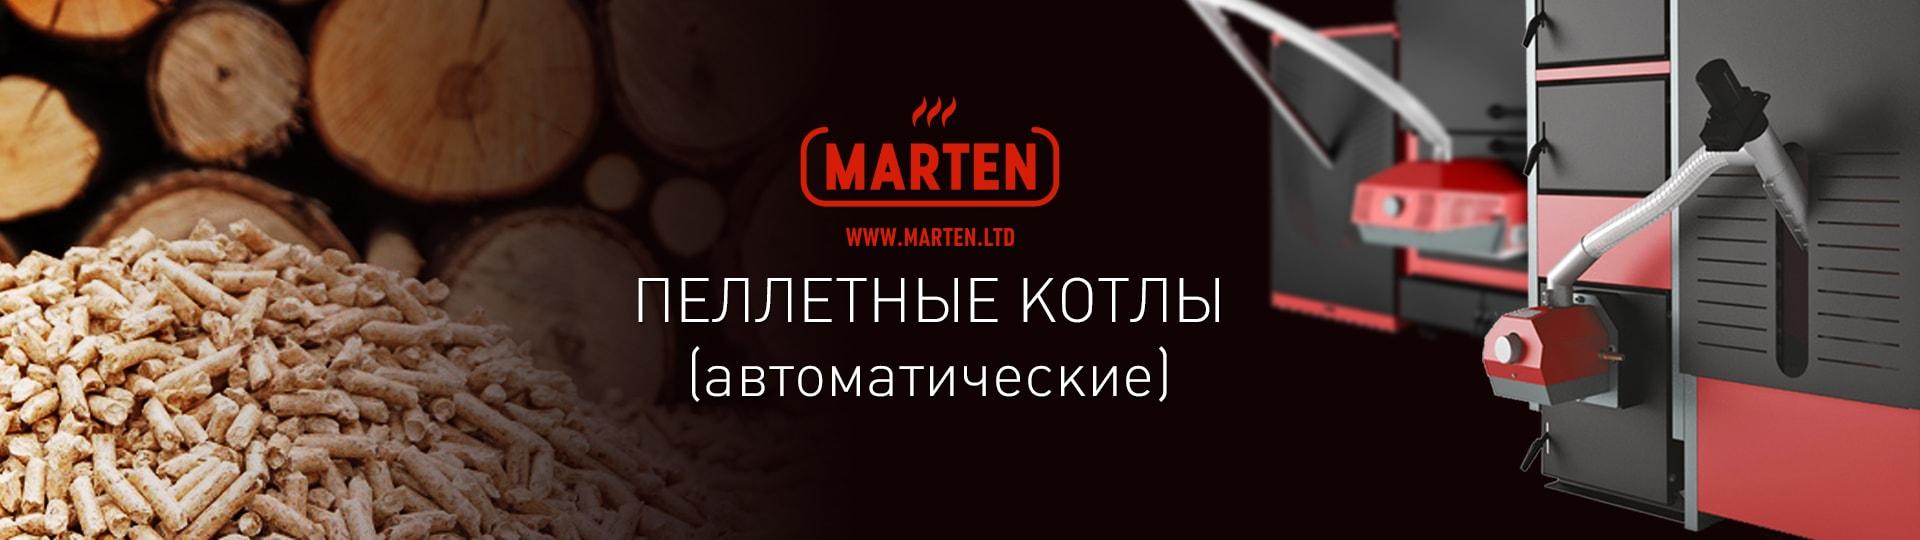 Пеллетные котлы Marten